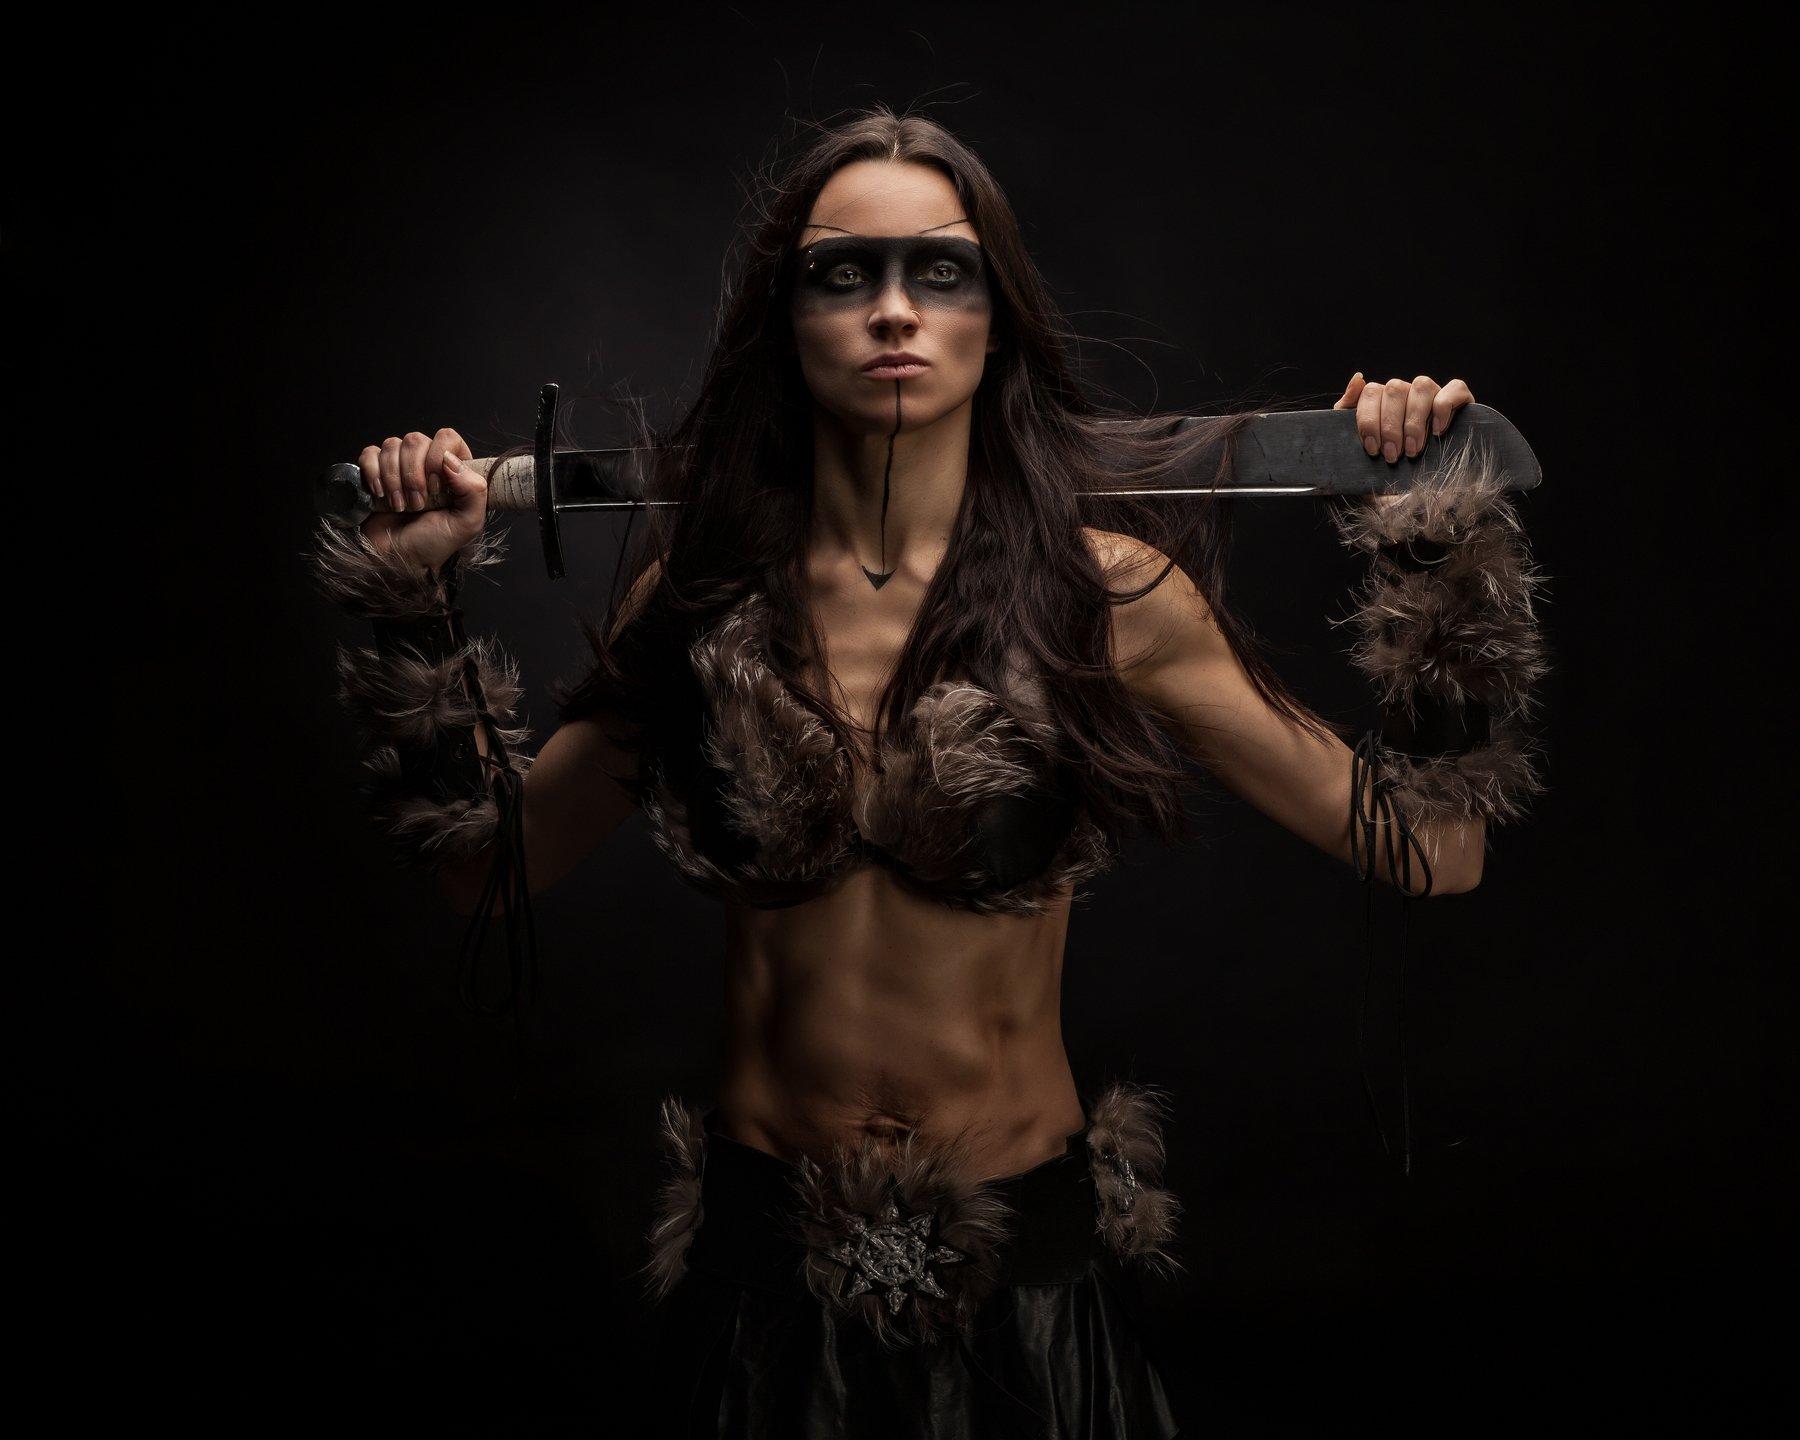 тира, госпожа, мародёров, хаоса, неделимого, фэнтези, девушка, меч, warhammer, Шипов Олег